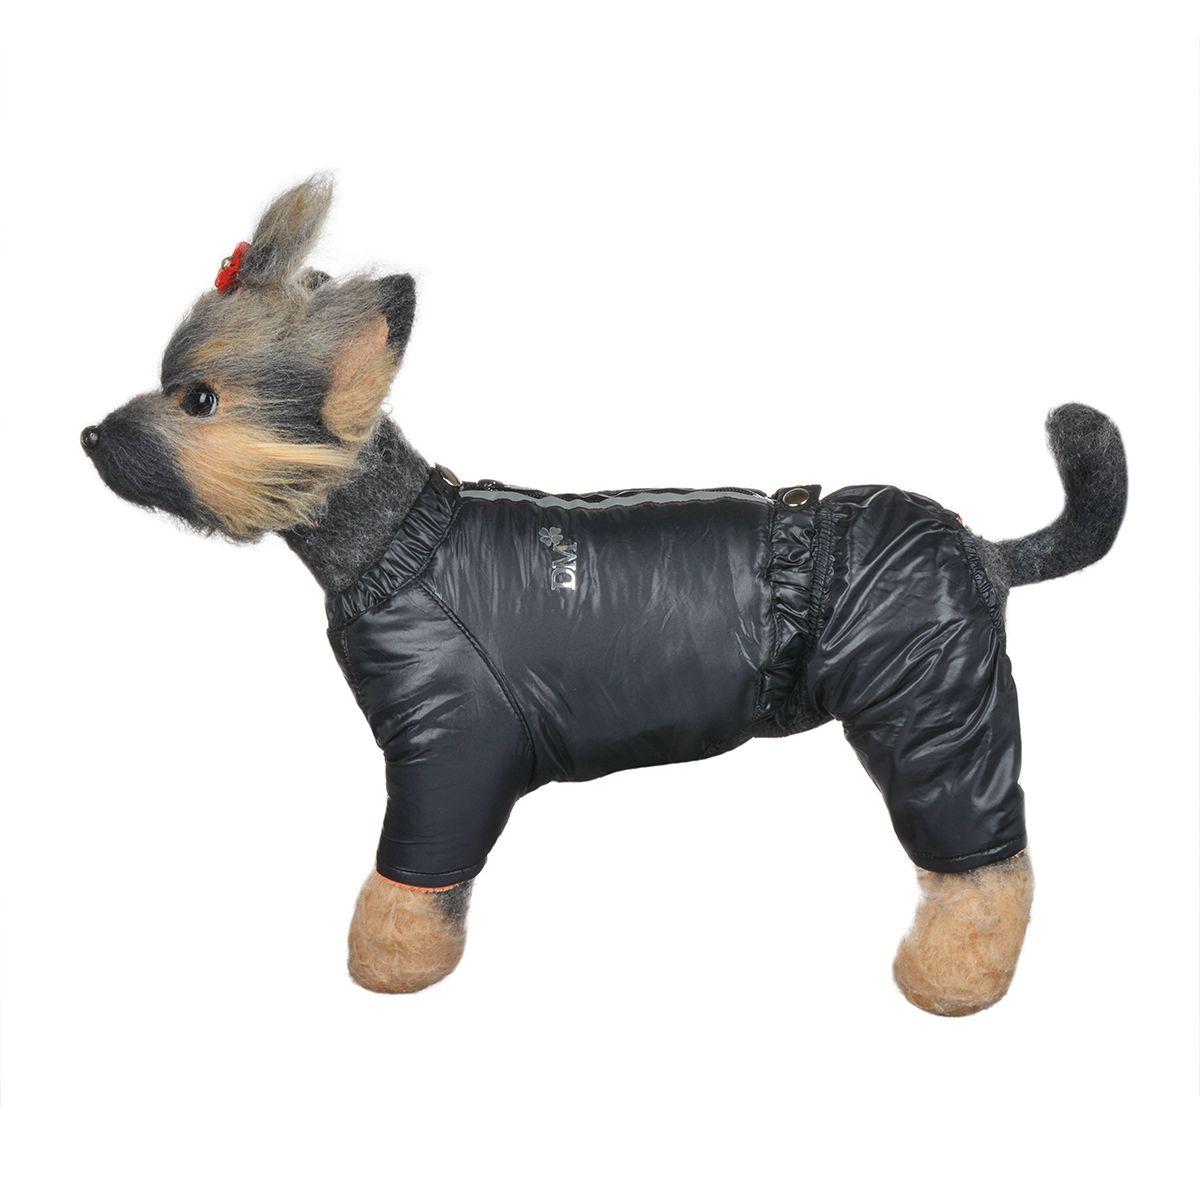 Костюм для собак Dogmoda Дублин, зимний, для мальчика, цвет: черный, оранжевый. Размер 1 (S)DM-150344-1Зимний костюм для собак Dogmoda Дублин отлично подойдет для прогулок в зимнее время года. Костюм состоит из куртки и брюк на лямках, которые изготовлены из полиэстера, защищающего от ветра и снега, с утеплителем из синтепона, который сохранит тепло даже в сильные морозы, а на подкладке используется искусственный мех, который обеспечивает отличный воздухообмен. Куртка застегивается на молнию и кнопки. На молнии имеются светоотражающие элементы. Ворот и низ изделия оснащены внутренними резинками, которые мягко обхватывают тело, не позволяя просачиваться холодному воздуху. Куртка декорирована золотистой надписью DM. Эластичные лямки брюк имеют перфорацию. Их длина регулируется при помощи пуговиц. Брюки застегиваются на кнопки и имеют на пояснице внутреннюю резинку, которая не позволит просачиваться холодному воздуху. Изделие декорировано золотистой надписью DM. Благодаря такому костюму простуда не грозит вашему питомцу.